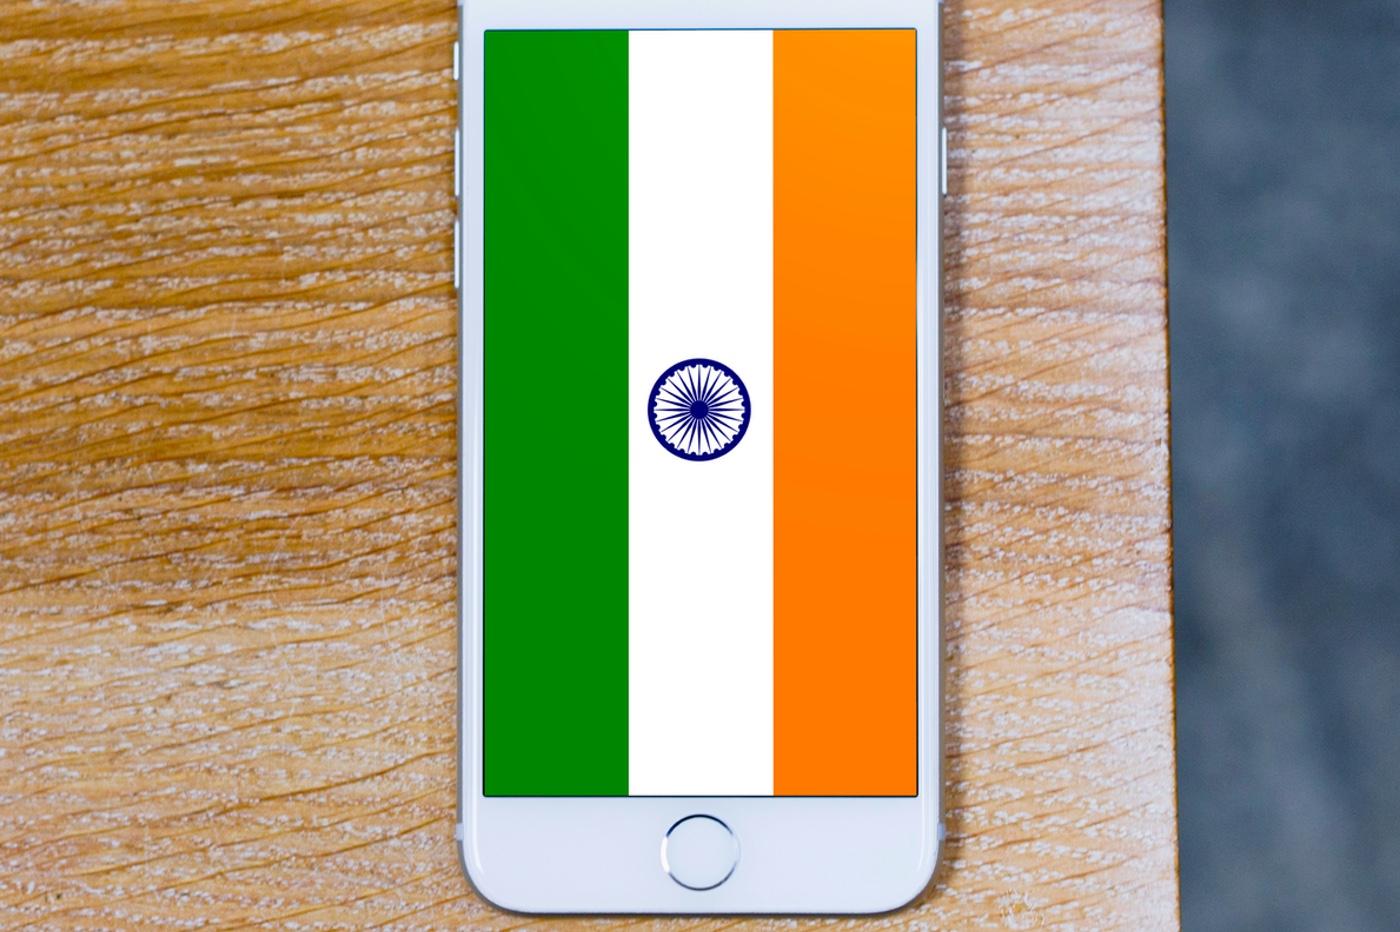 L'iPhone, désormais un produit made in India 1